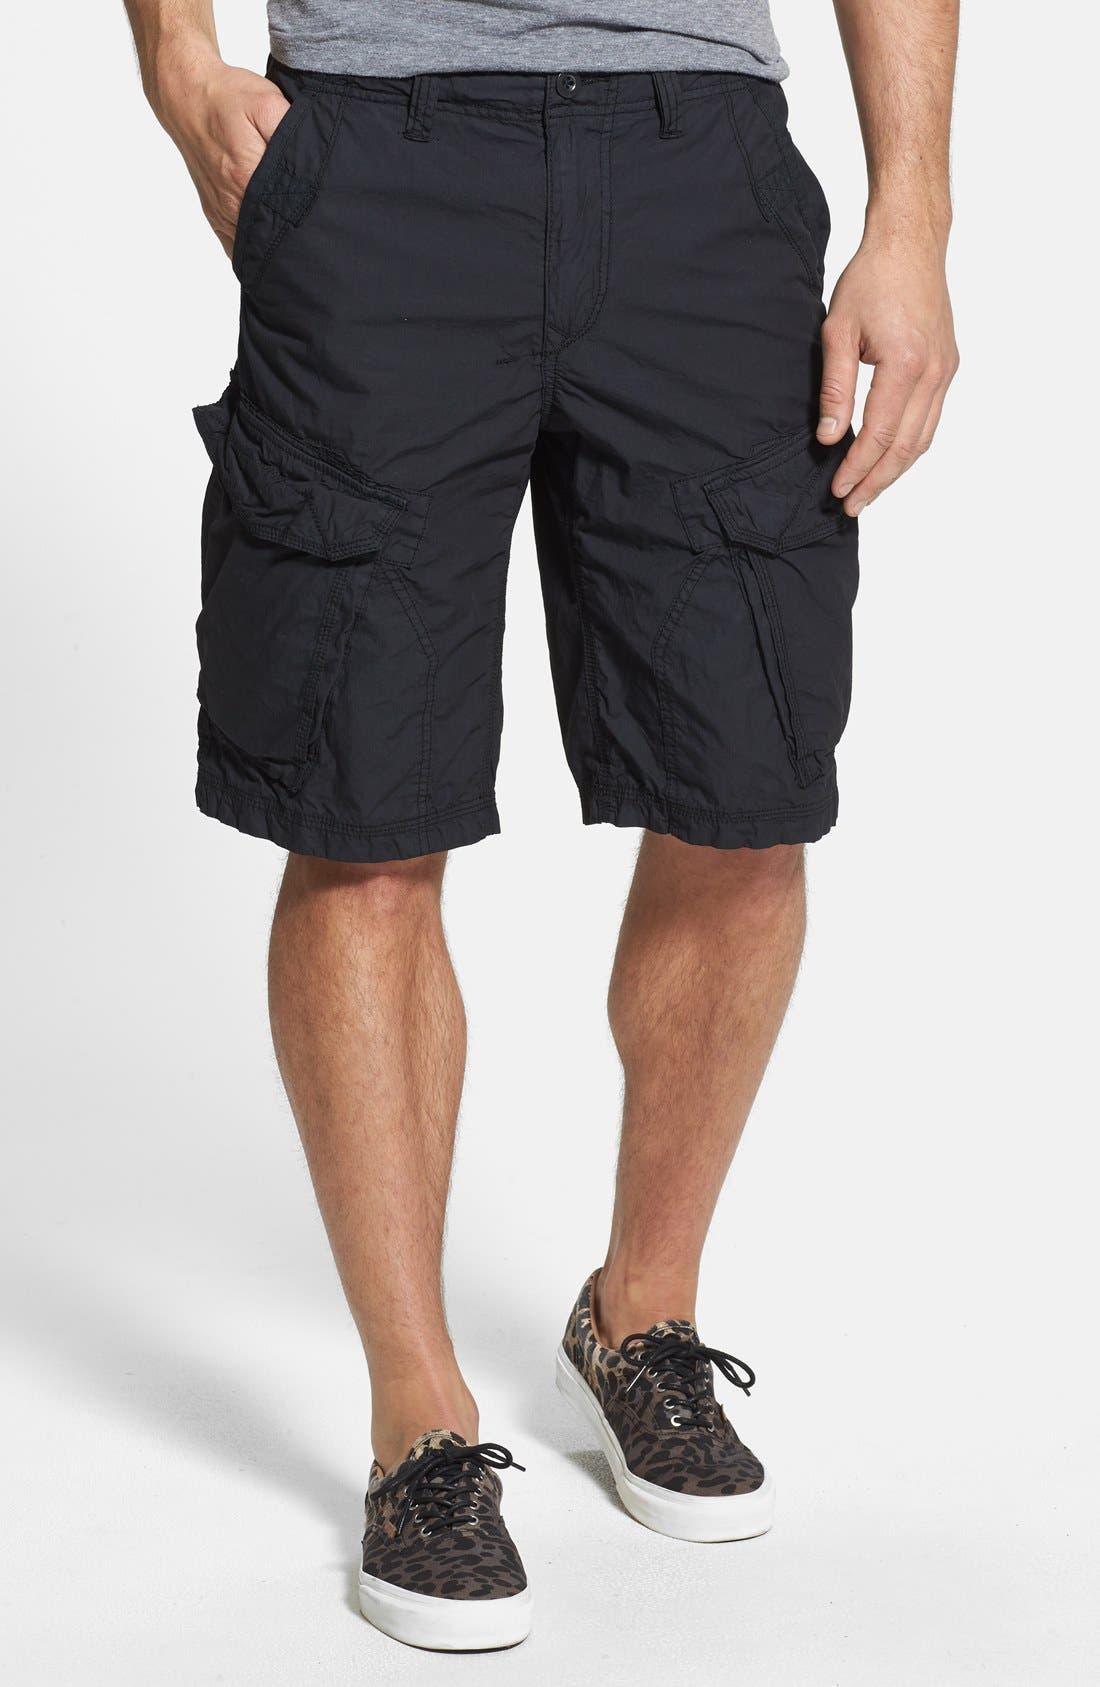 Alternate Image 1 Selected - Union 'New Duke' Cargo Shorts